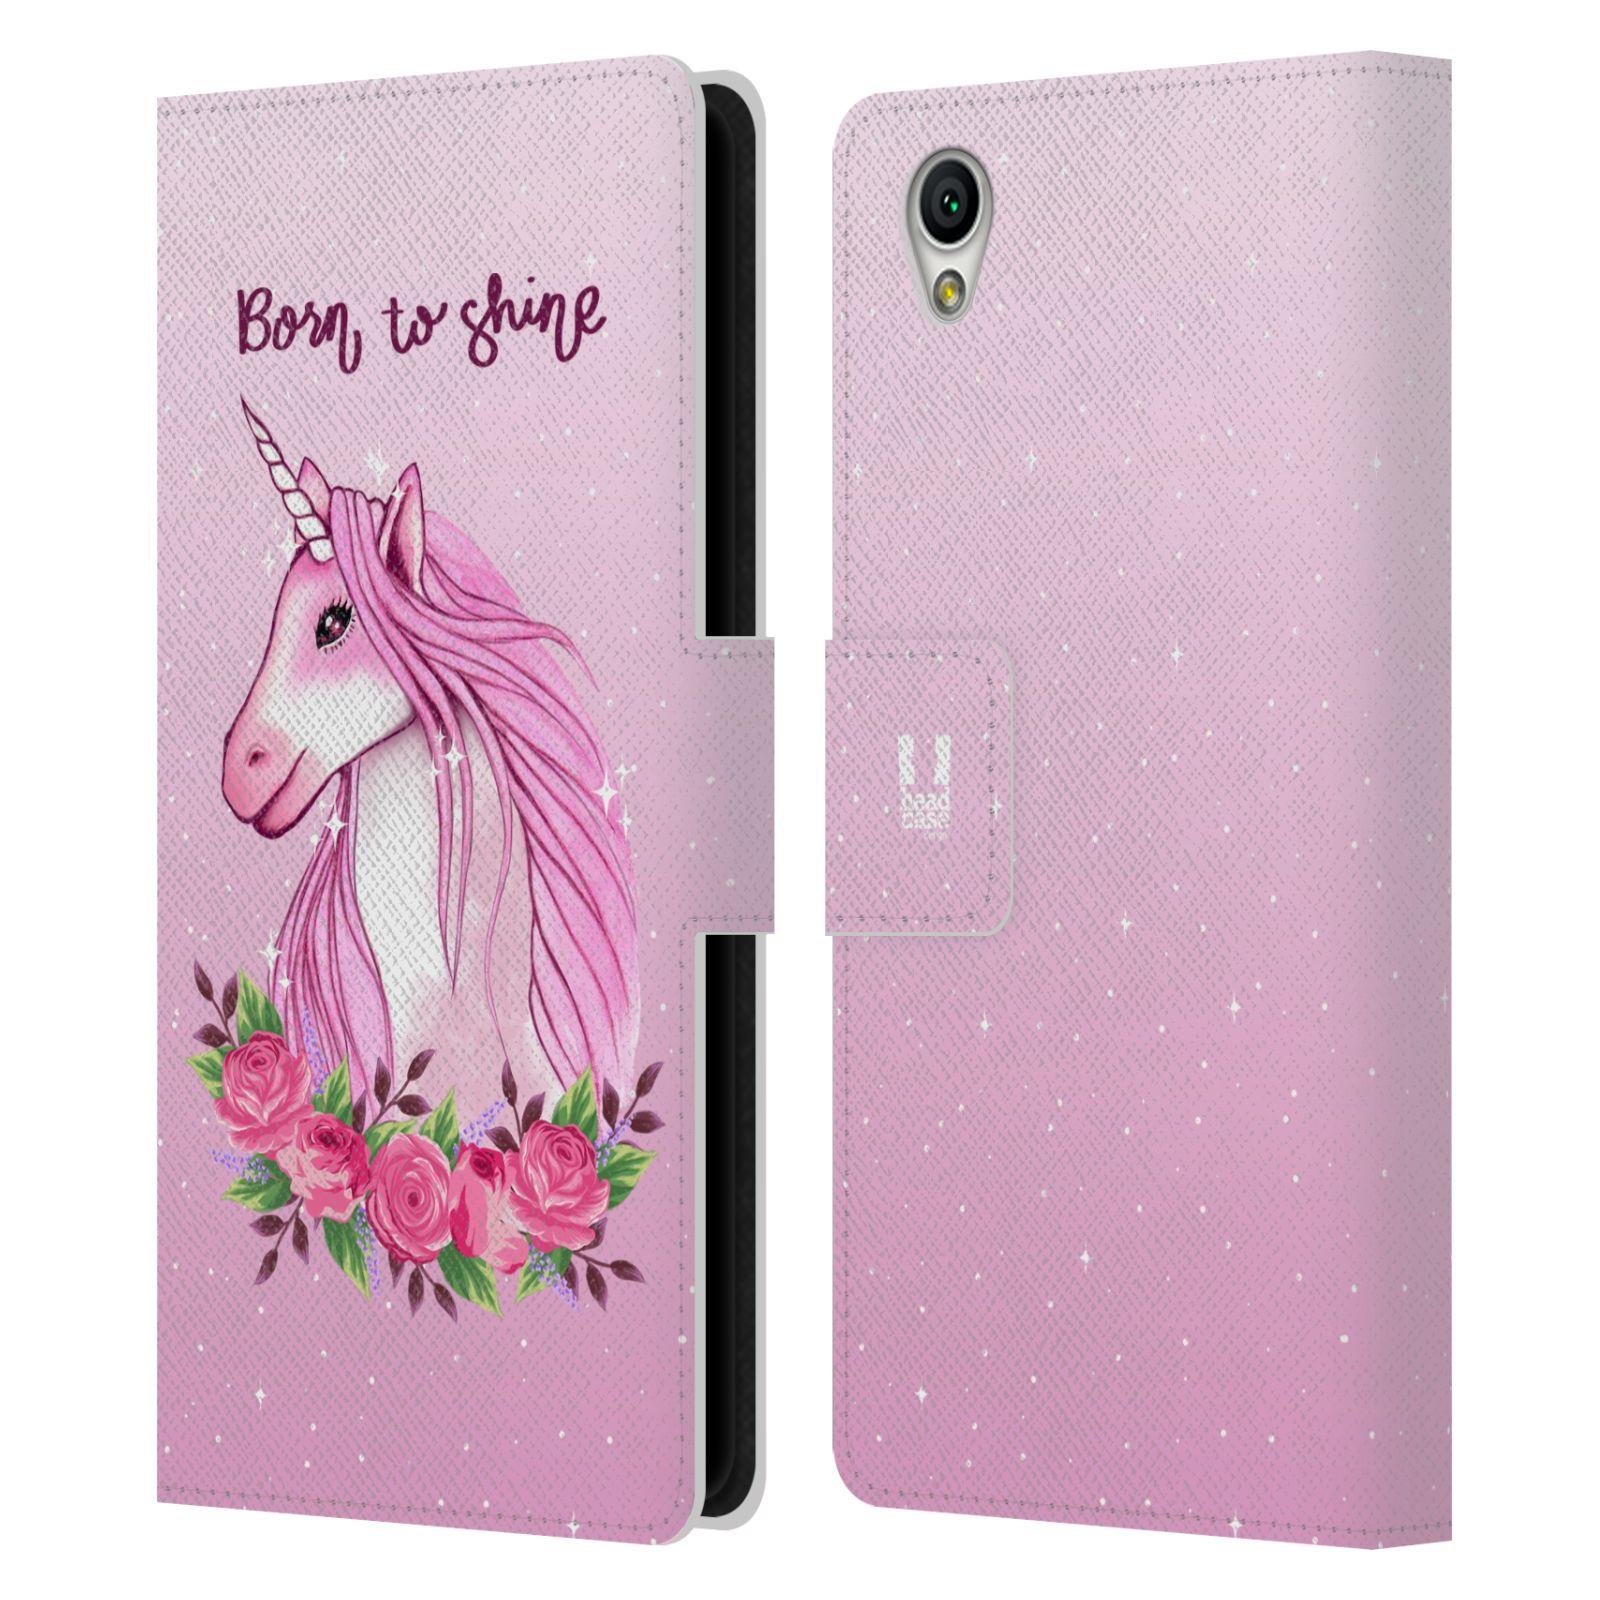 Pouzdro na mobil Sony Xperia L1 - Head Case - Růžový jednorožec růže